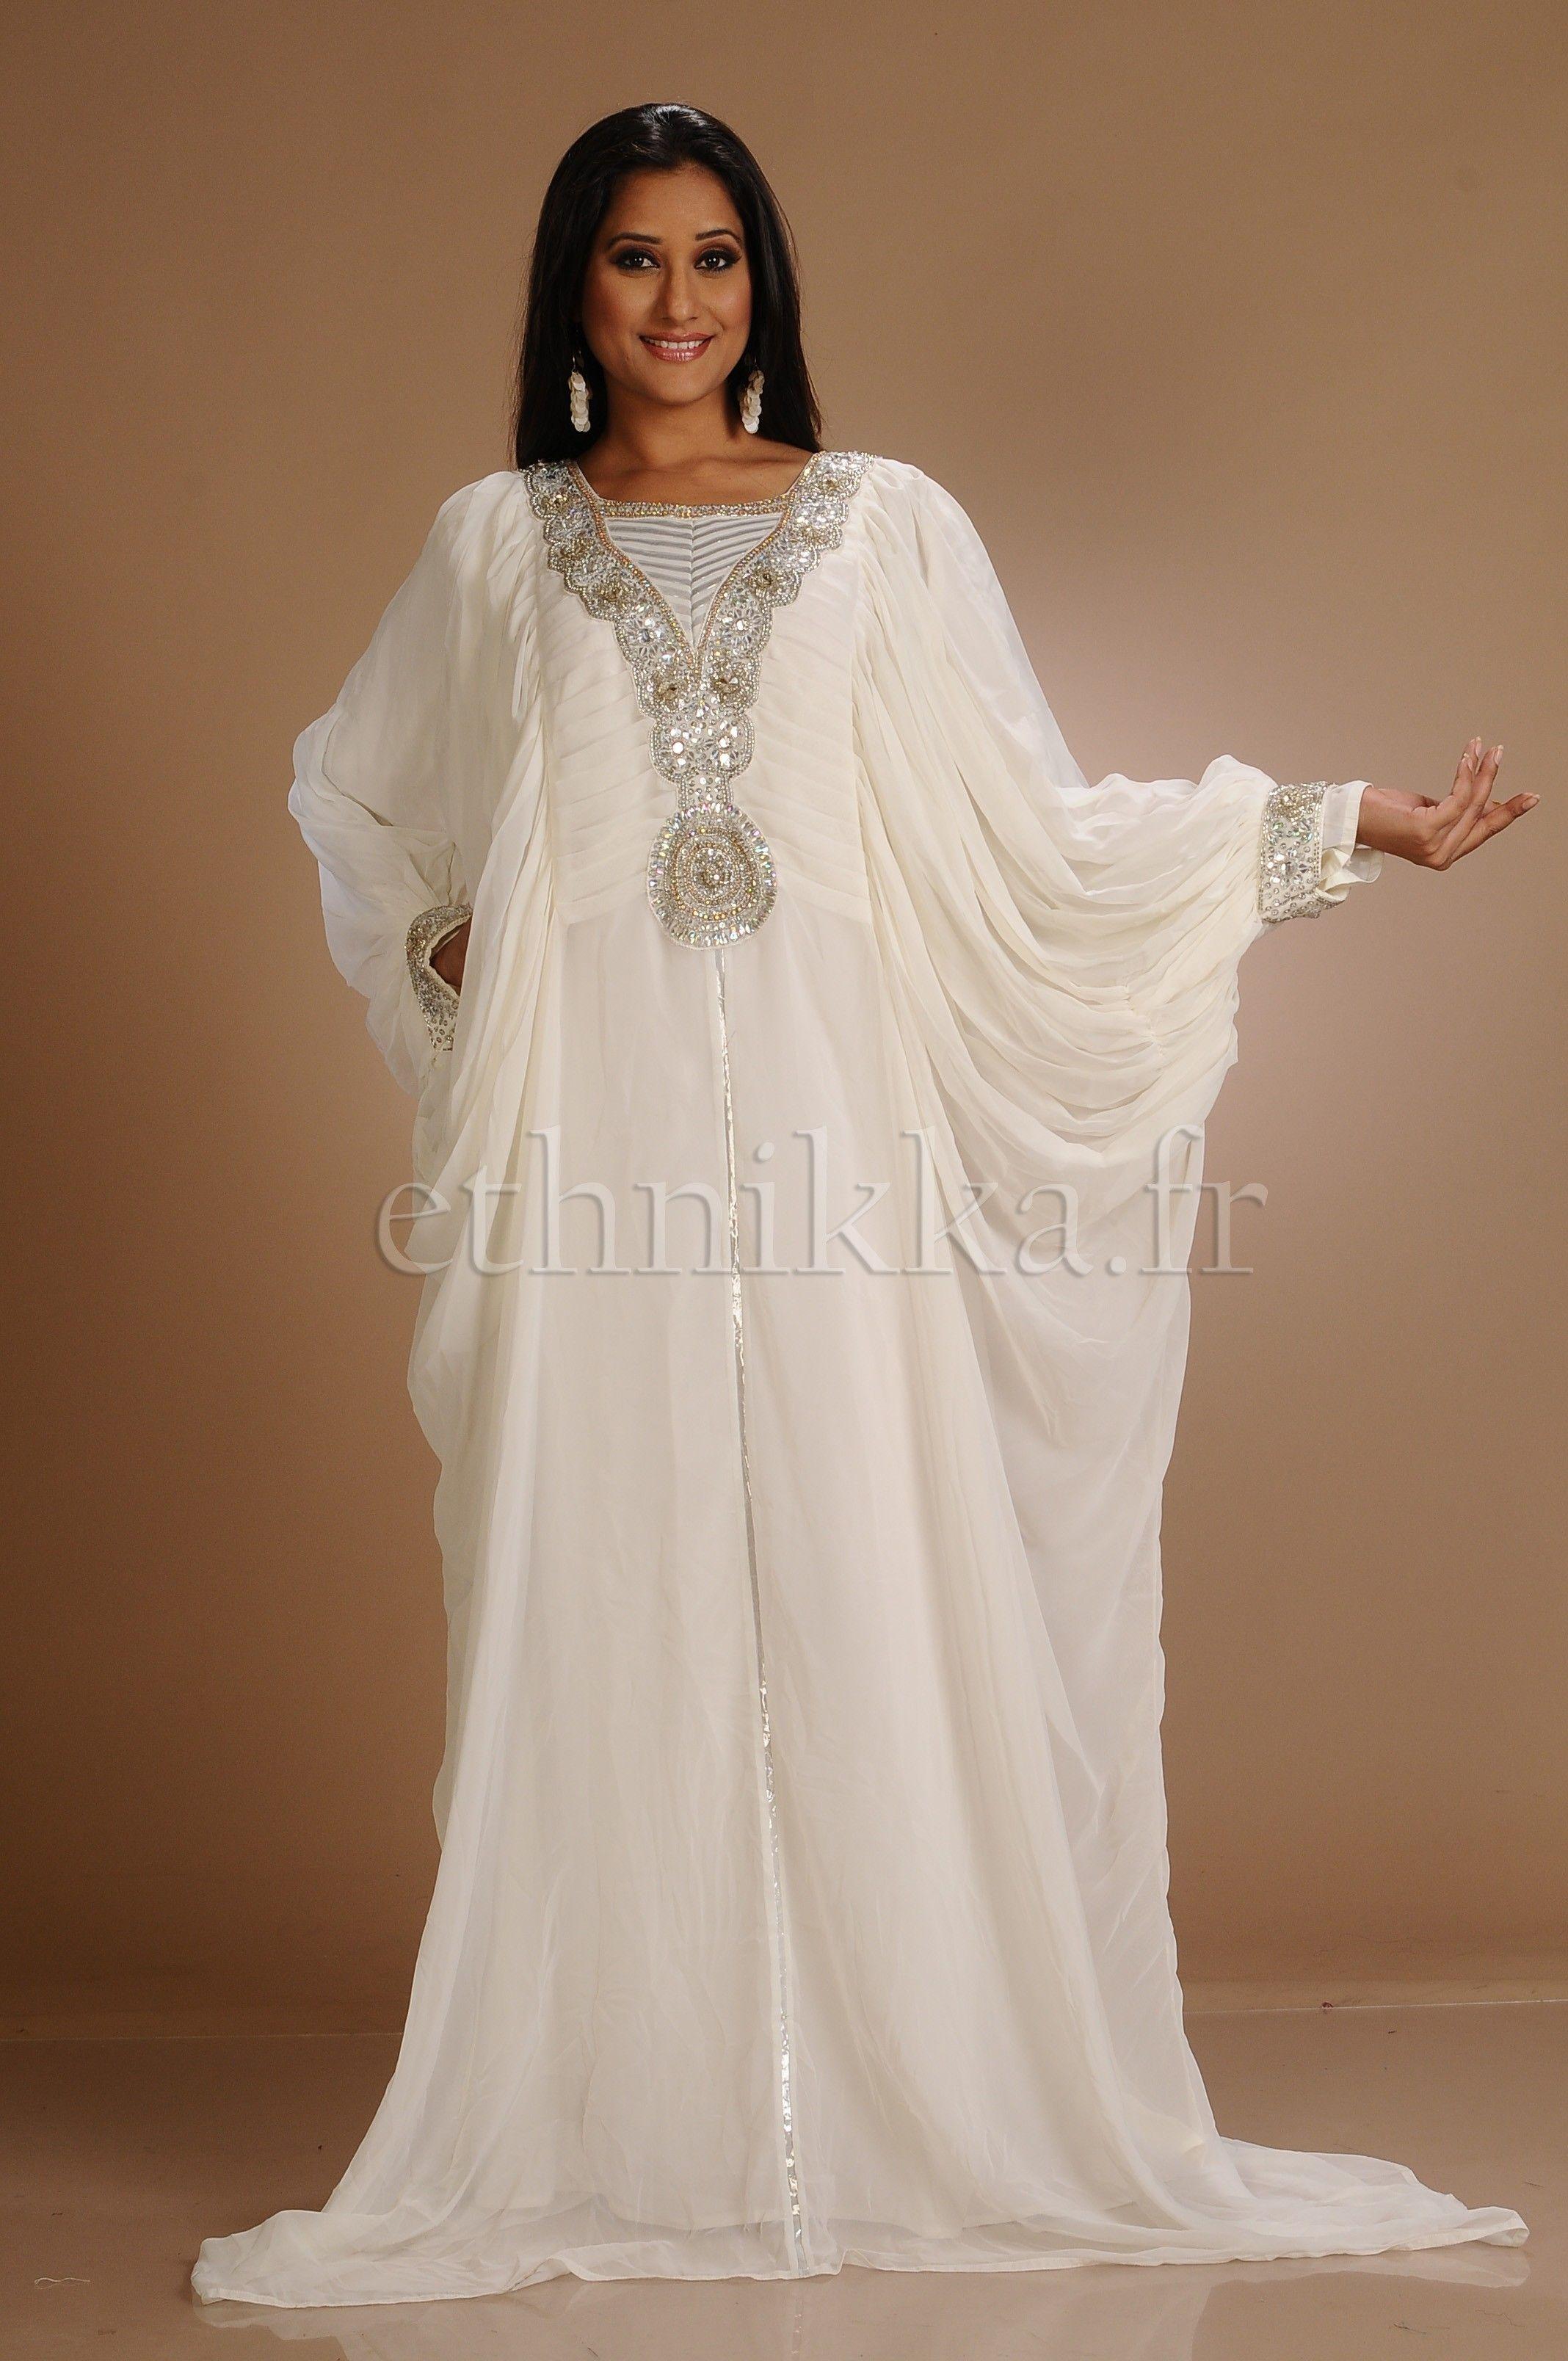 Robe dubai blanche pas cher